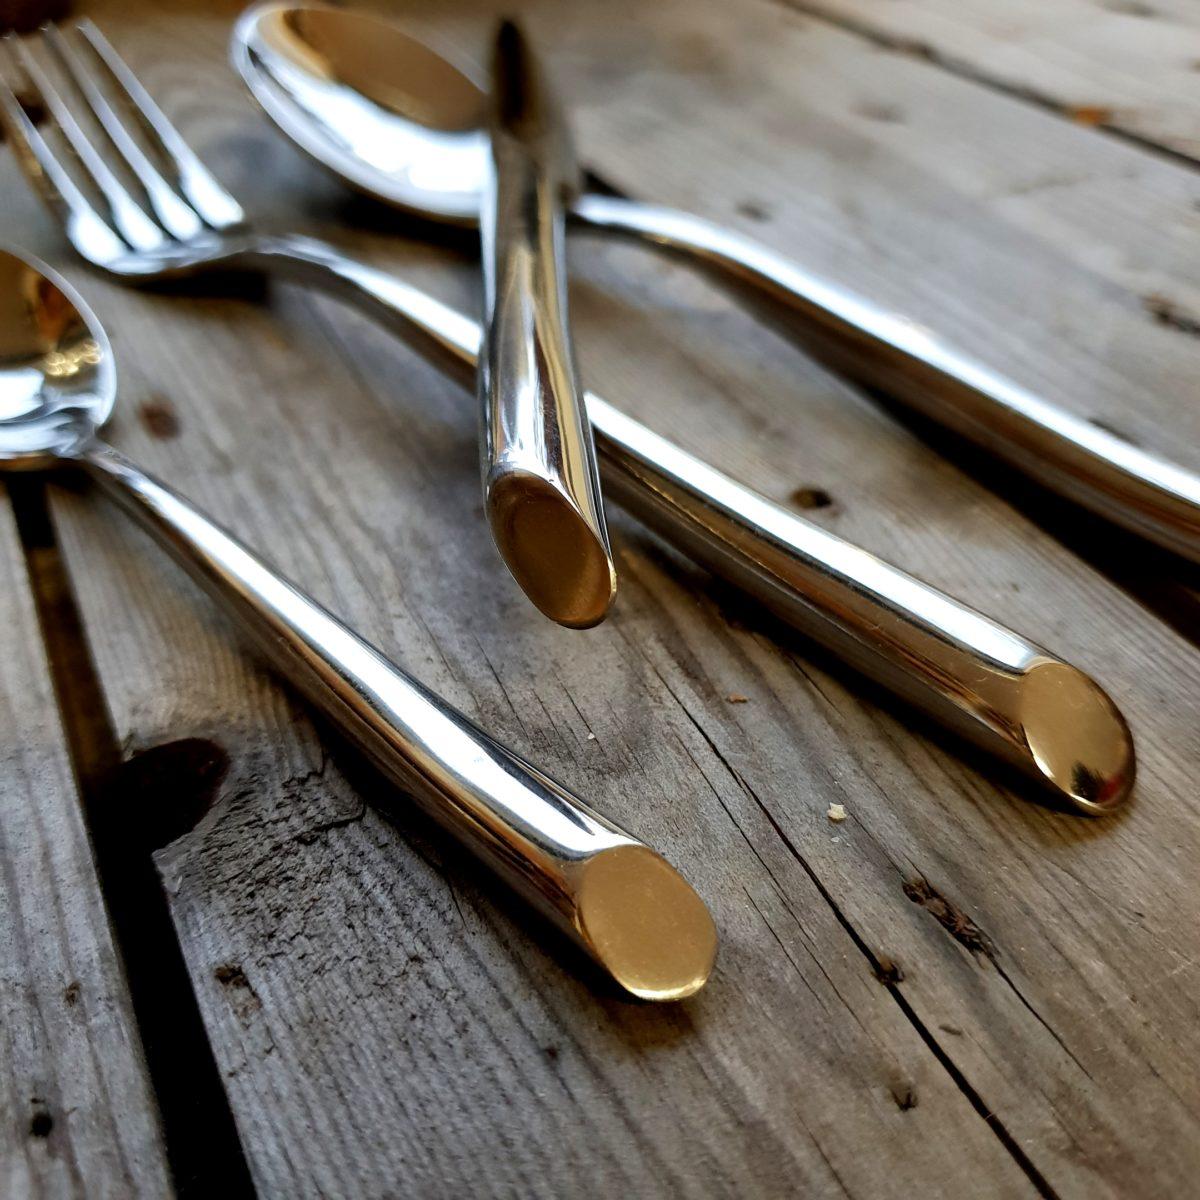 Glänsande bestick med rejäl tyngd och vass kniv. Setet med bestick innehåller 4 delar: kniv, gaffel, sked och dessertsked.